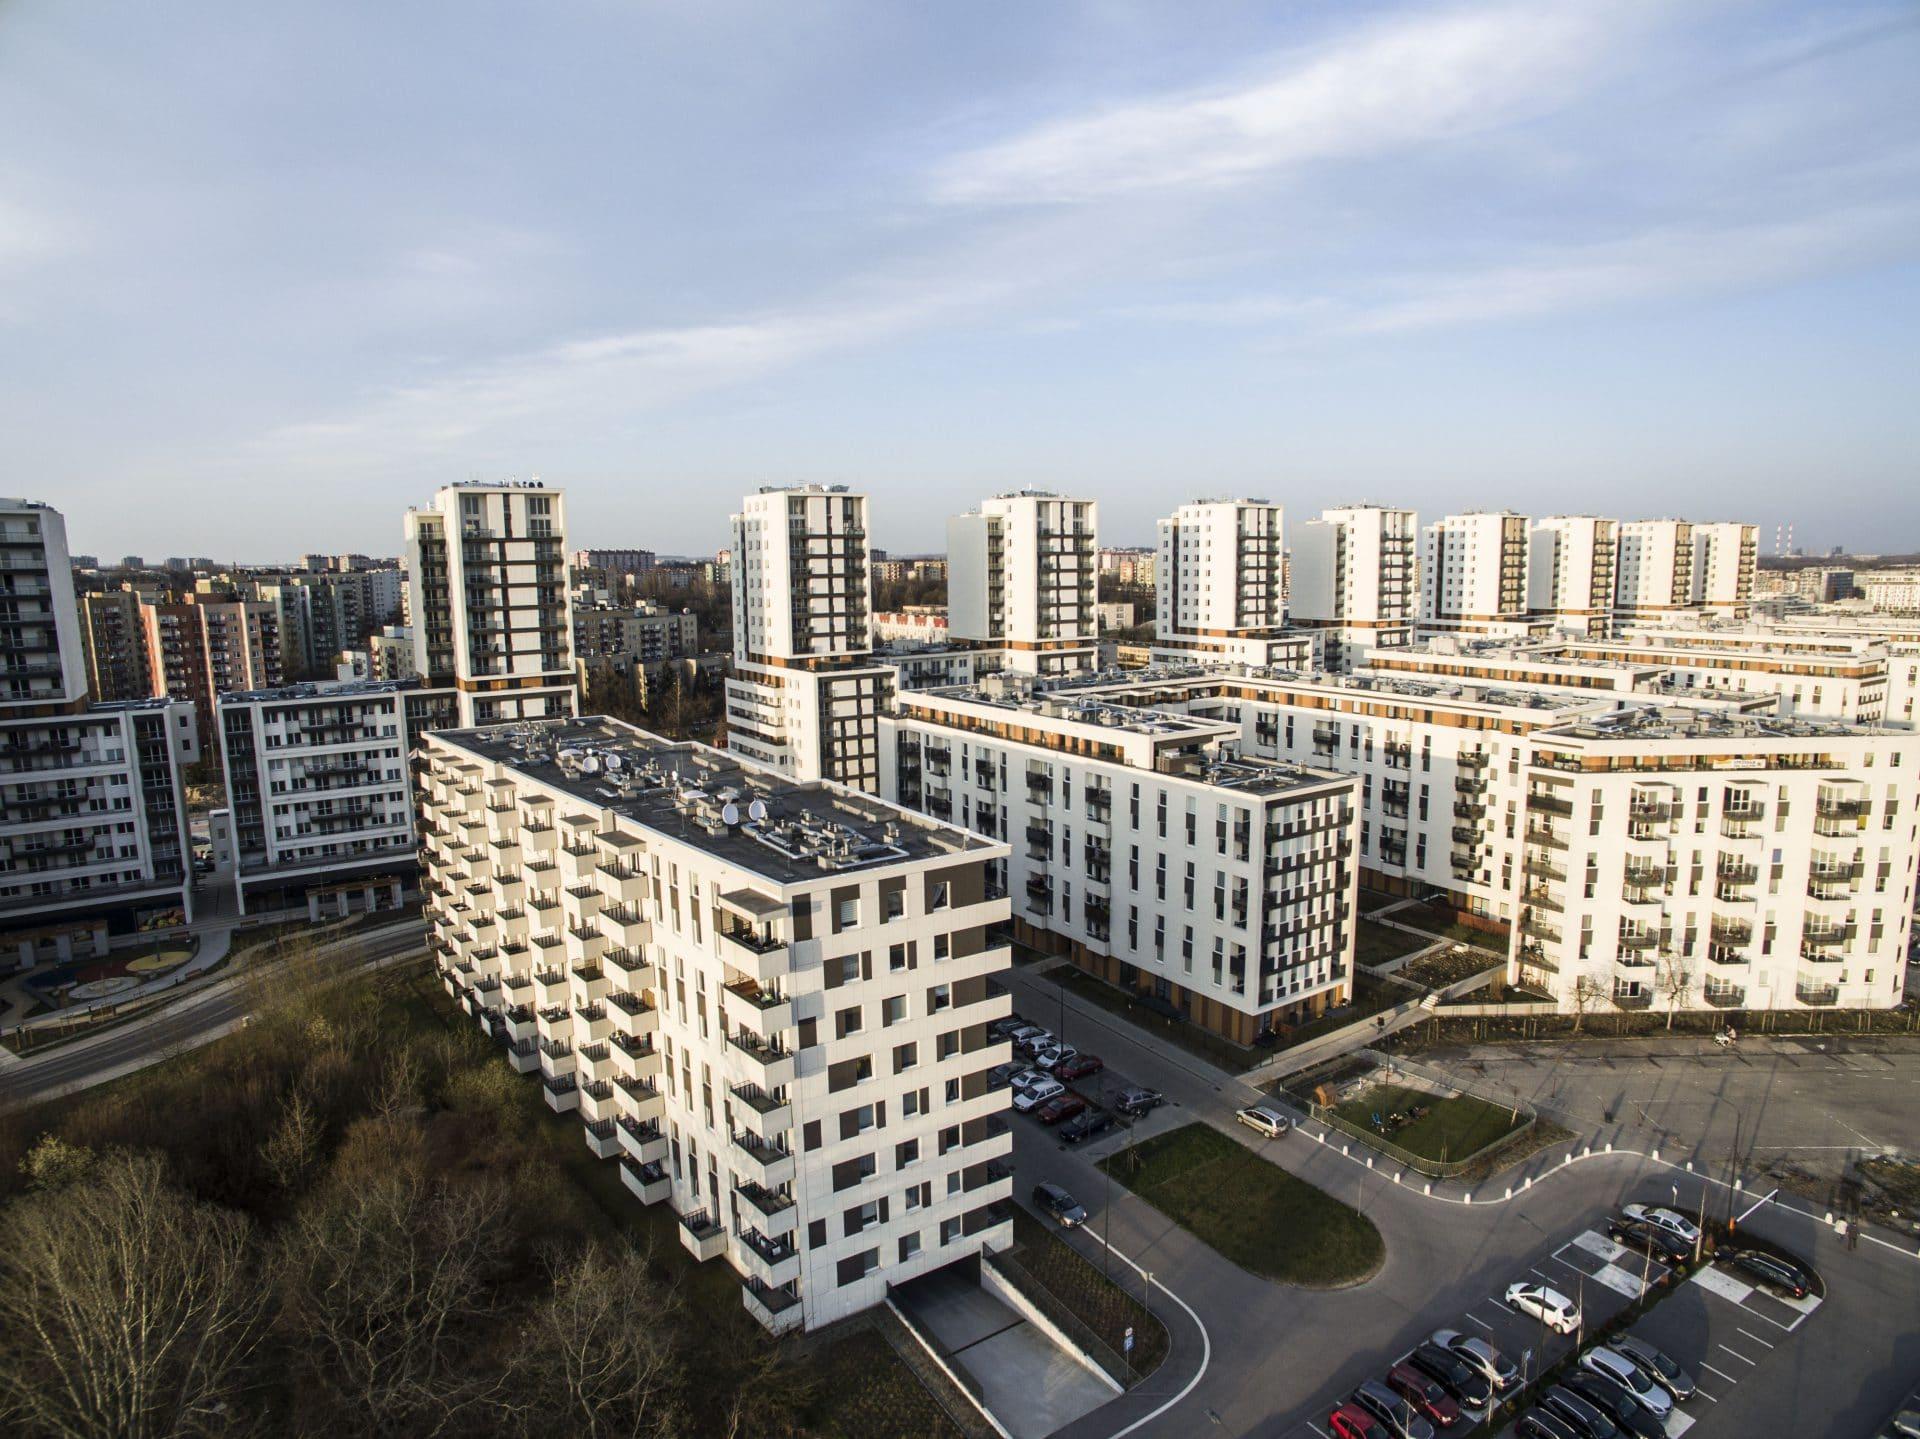 Autor artykułu przekonuje, że zmieszczenie w Krakowie 100 tys. nowych mieszkań to remedium na... korki. Fot. Joanna Urbaniec.